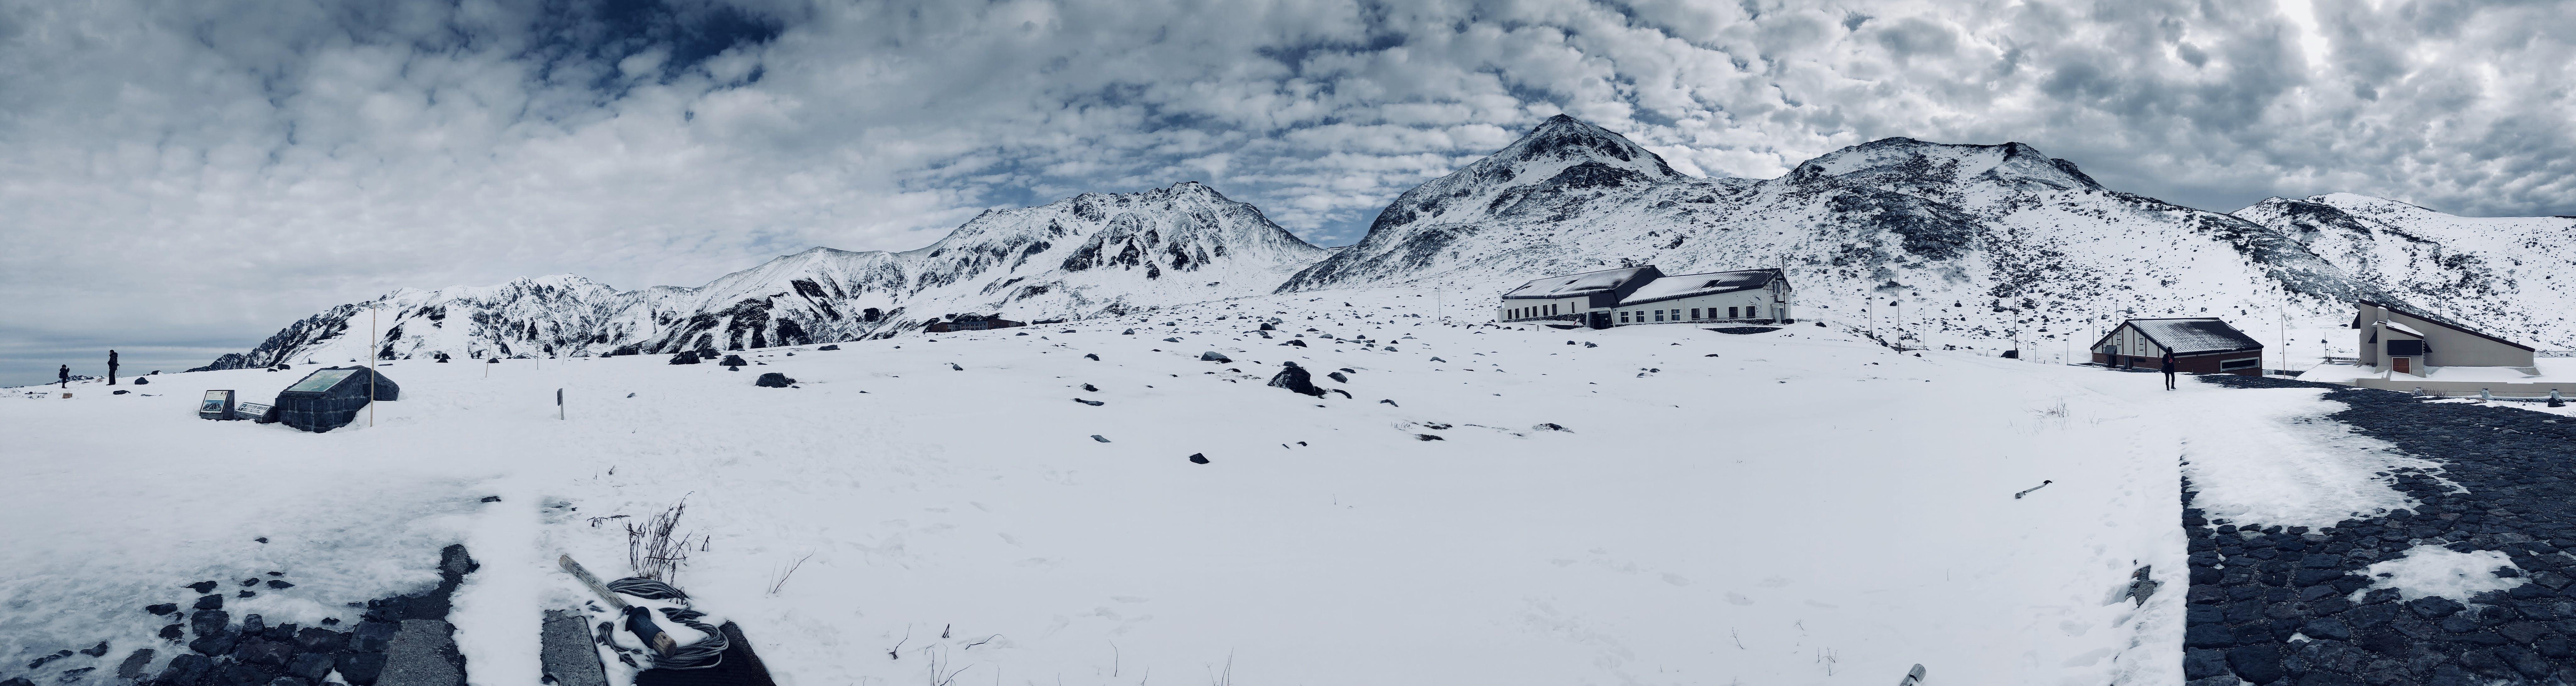 Gray Train Near Mountain